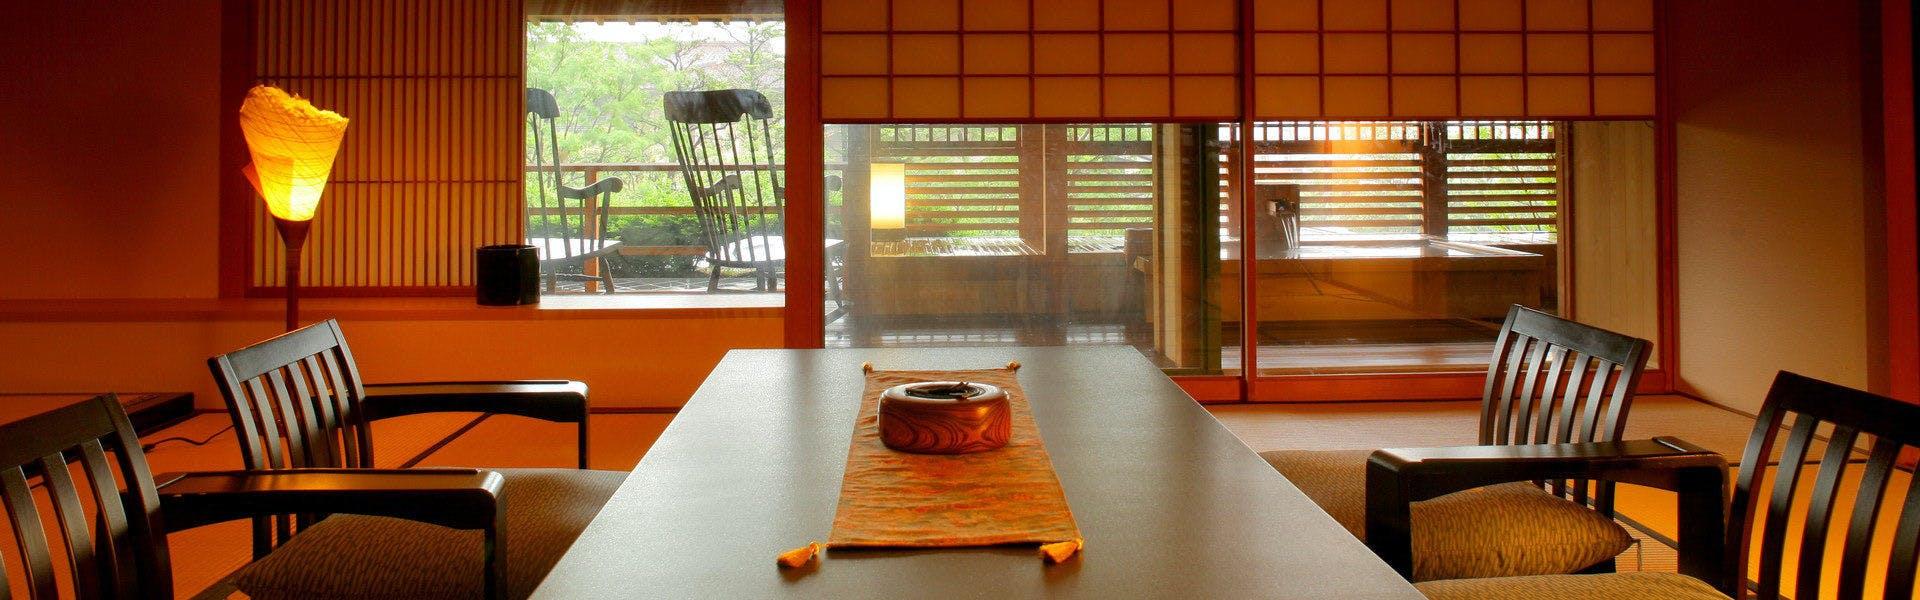 記念日におすすめのホテル・あわら温泉 グランディア芳泉の写真2